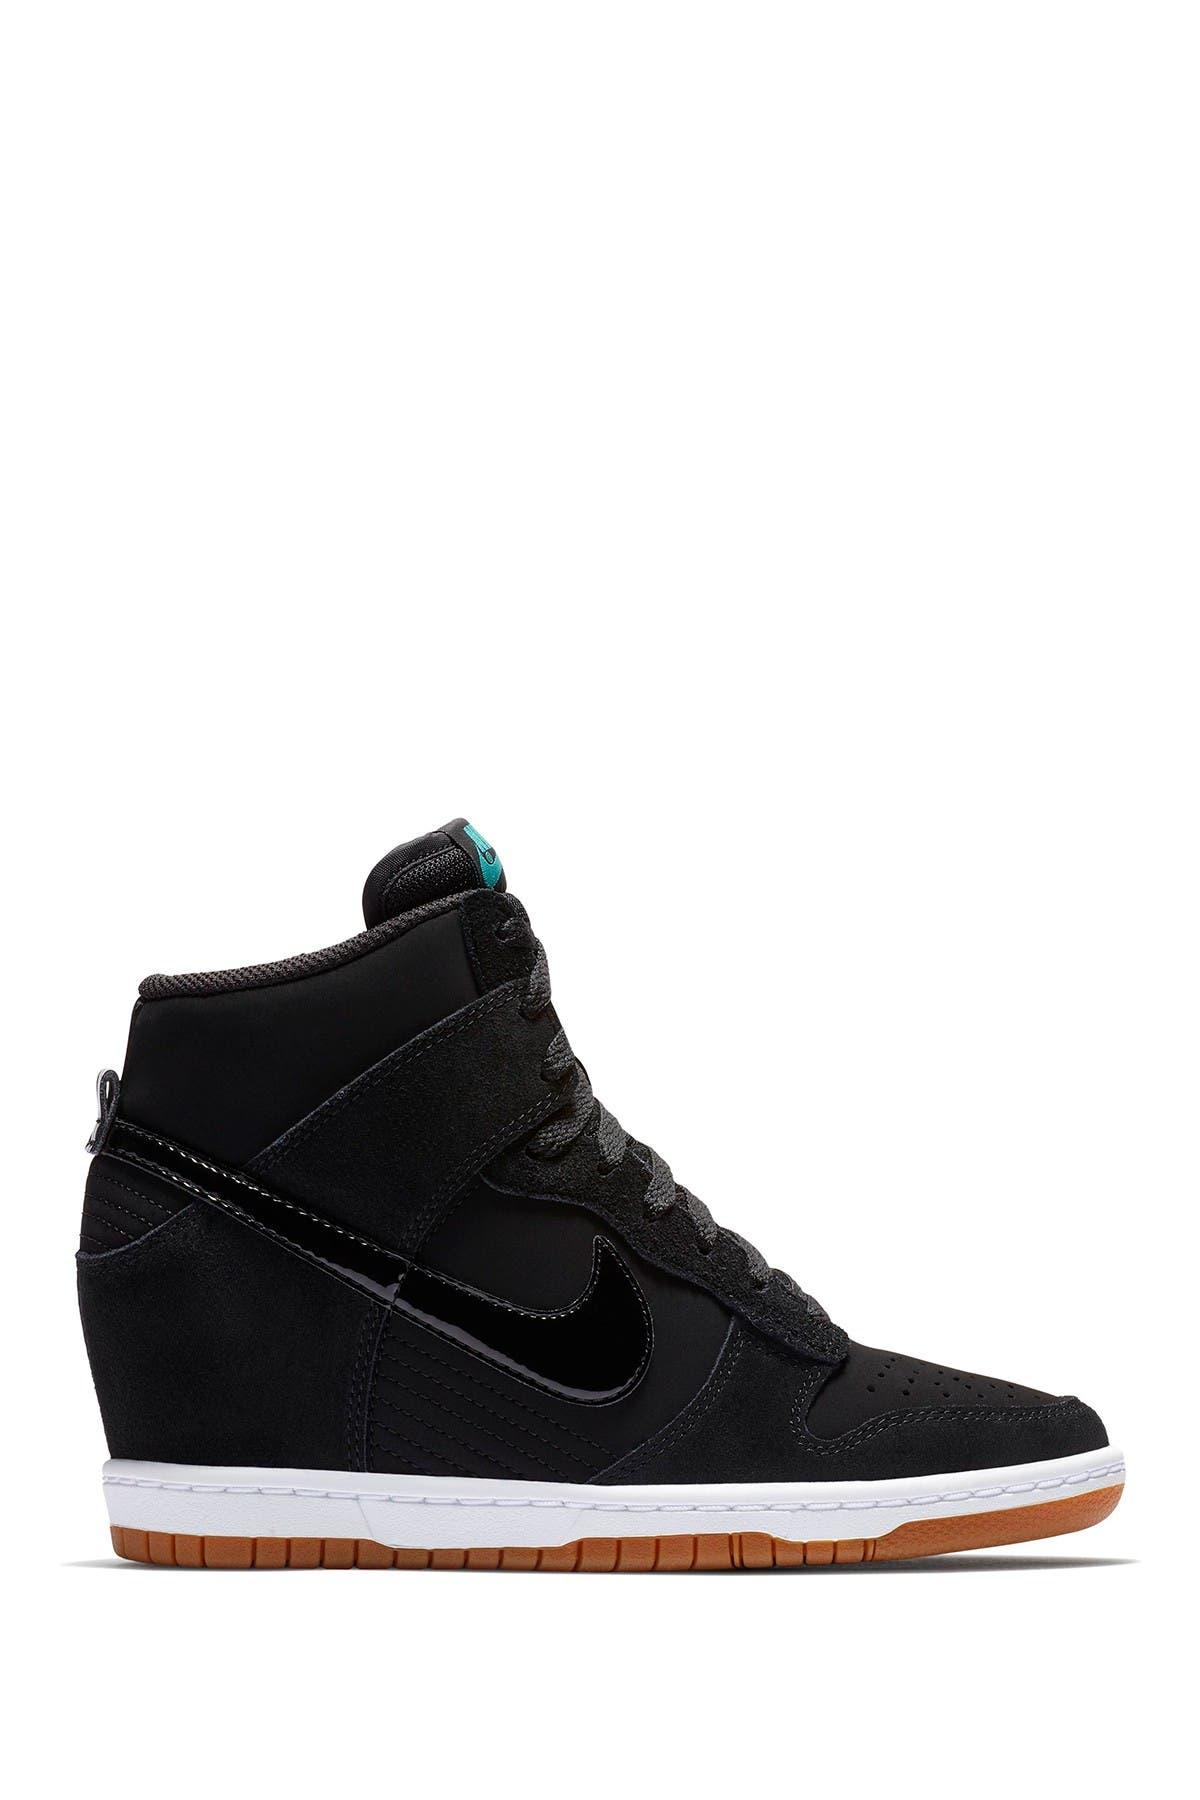 Nike | Dunk Sky Hi Essential Wedge